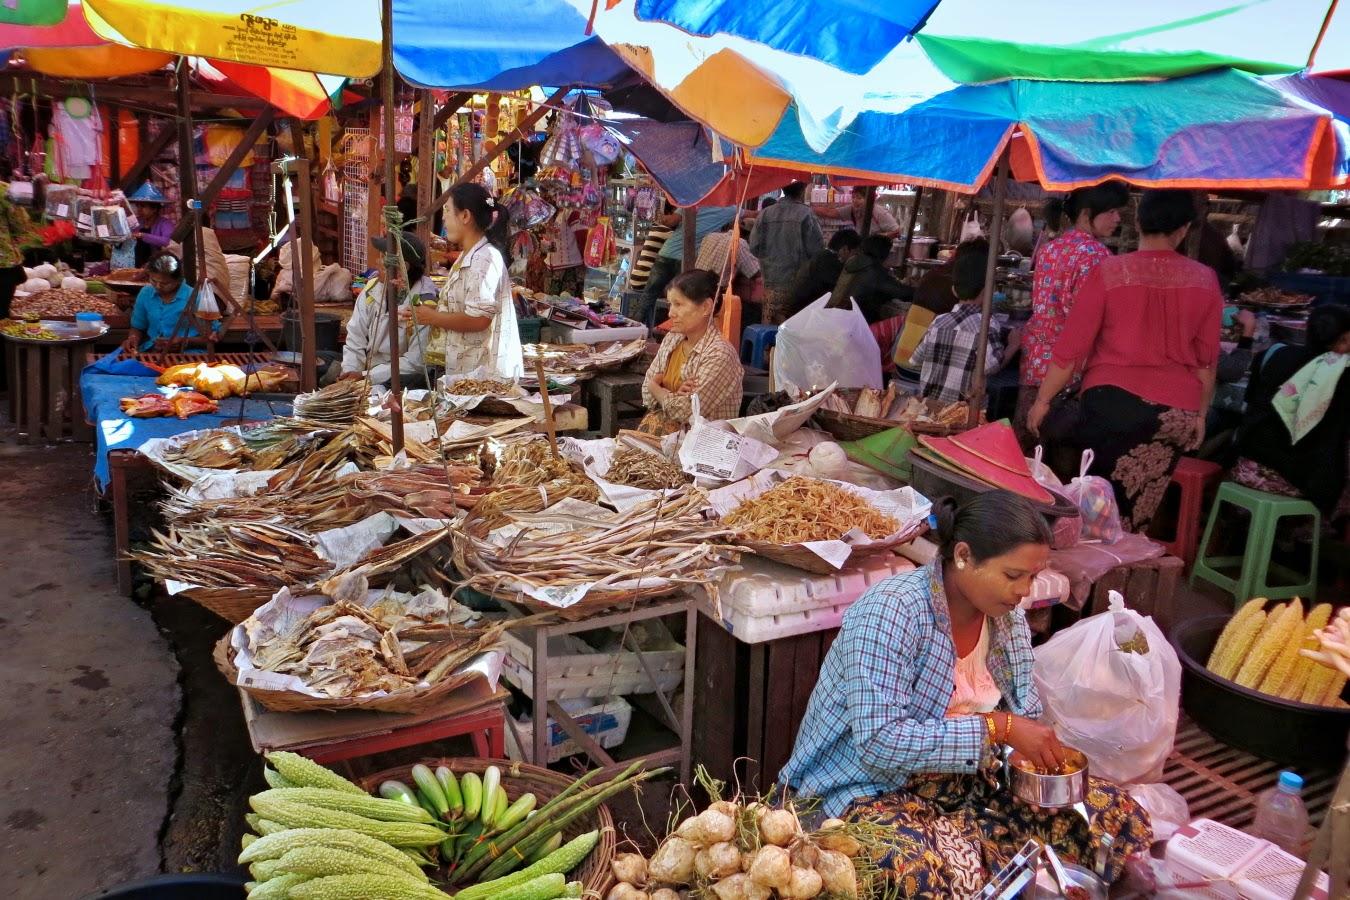 web stranica za upoznavanje Mijanmar